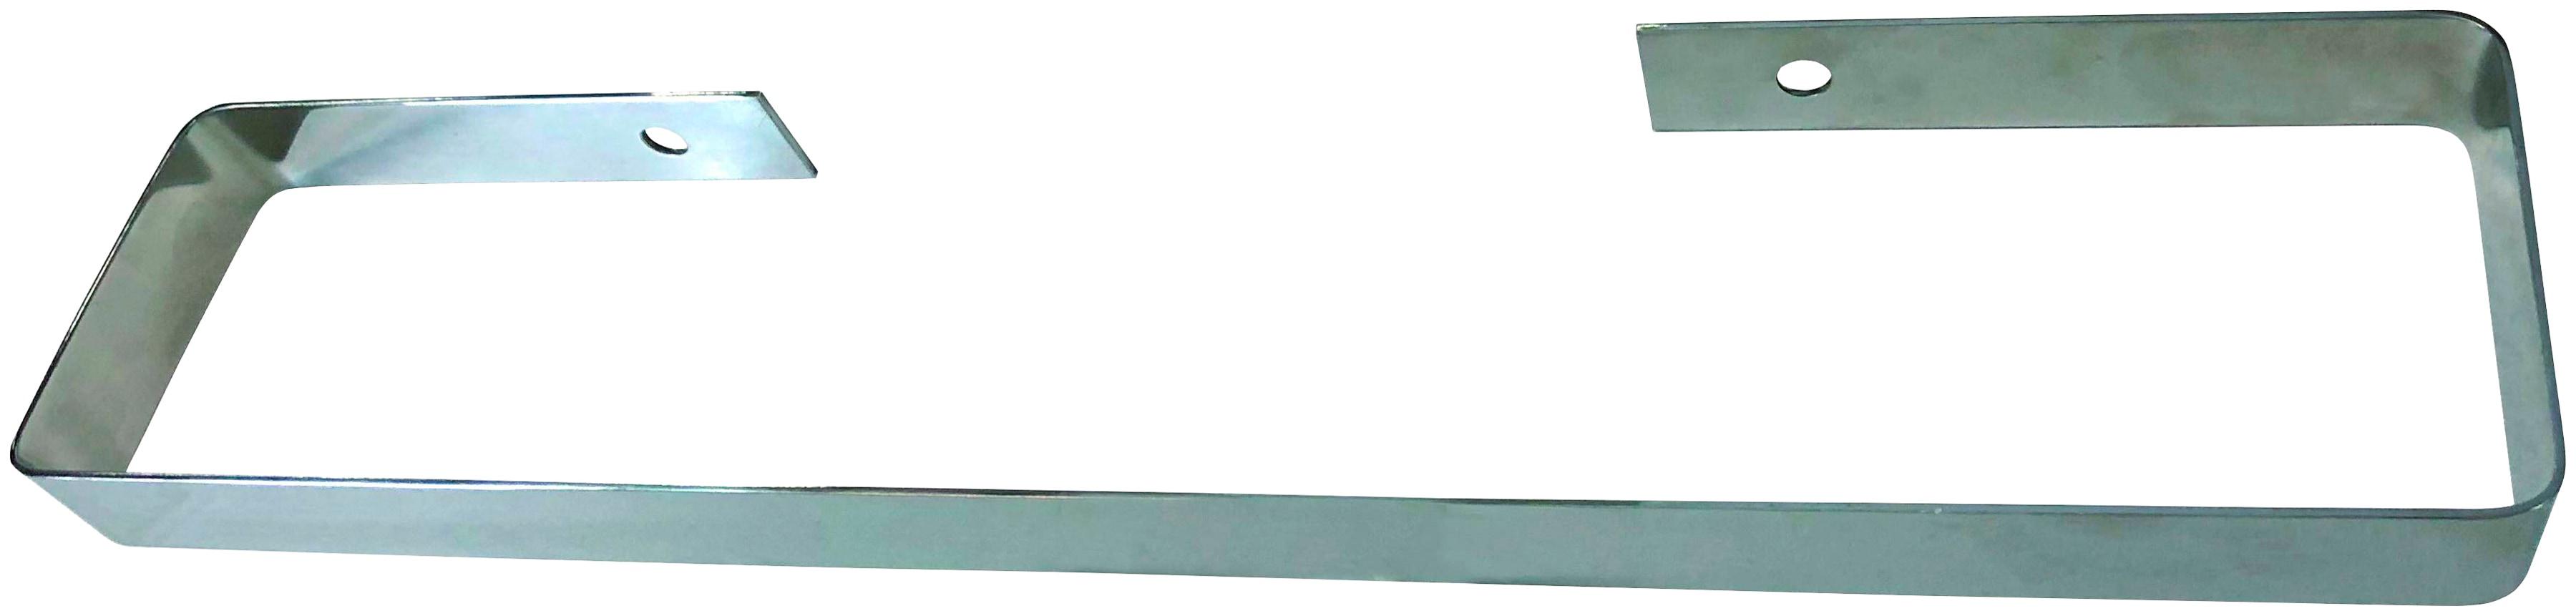 Image of JOLLYTHERM Packung: Handtuchhalter 63 cm breit